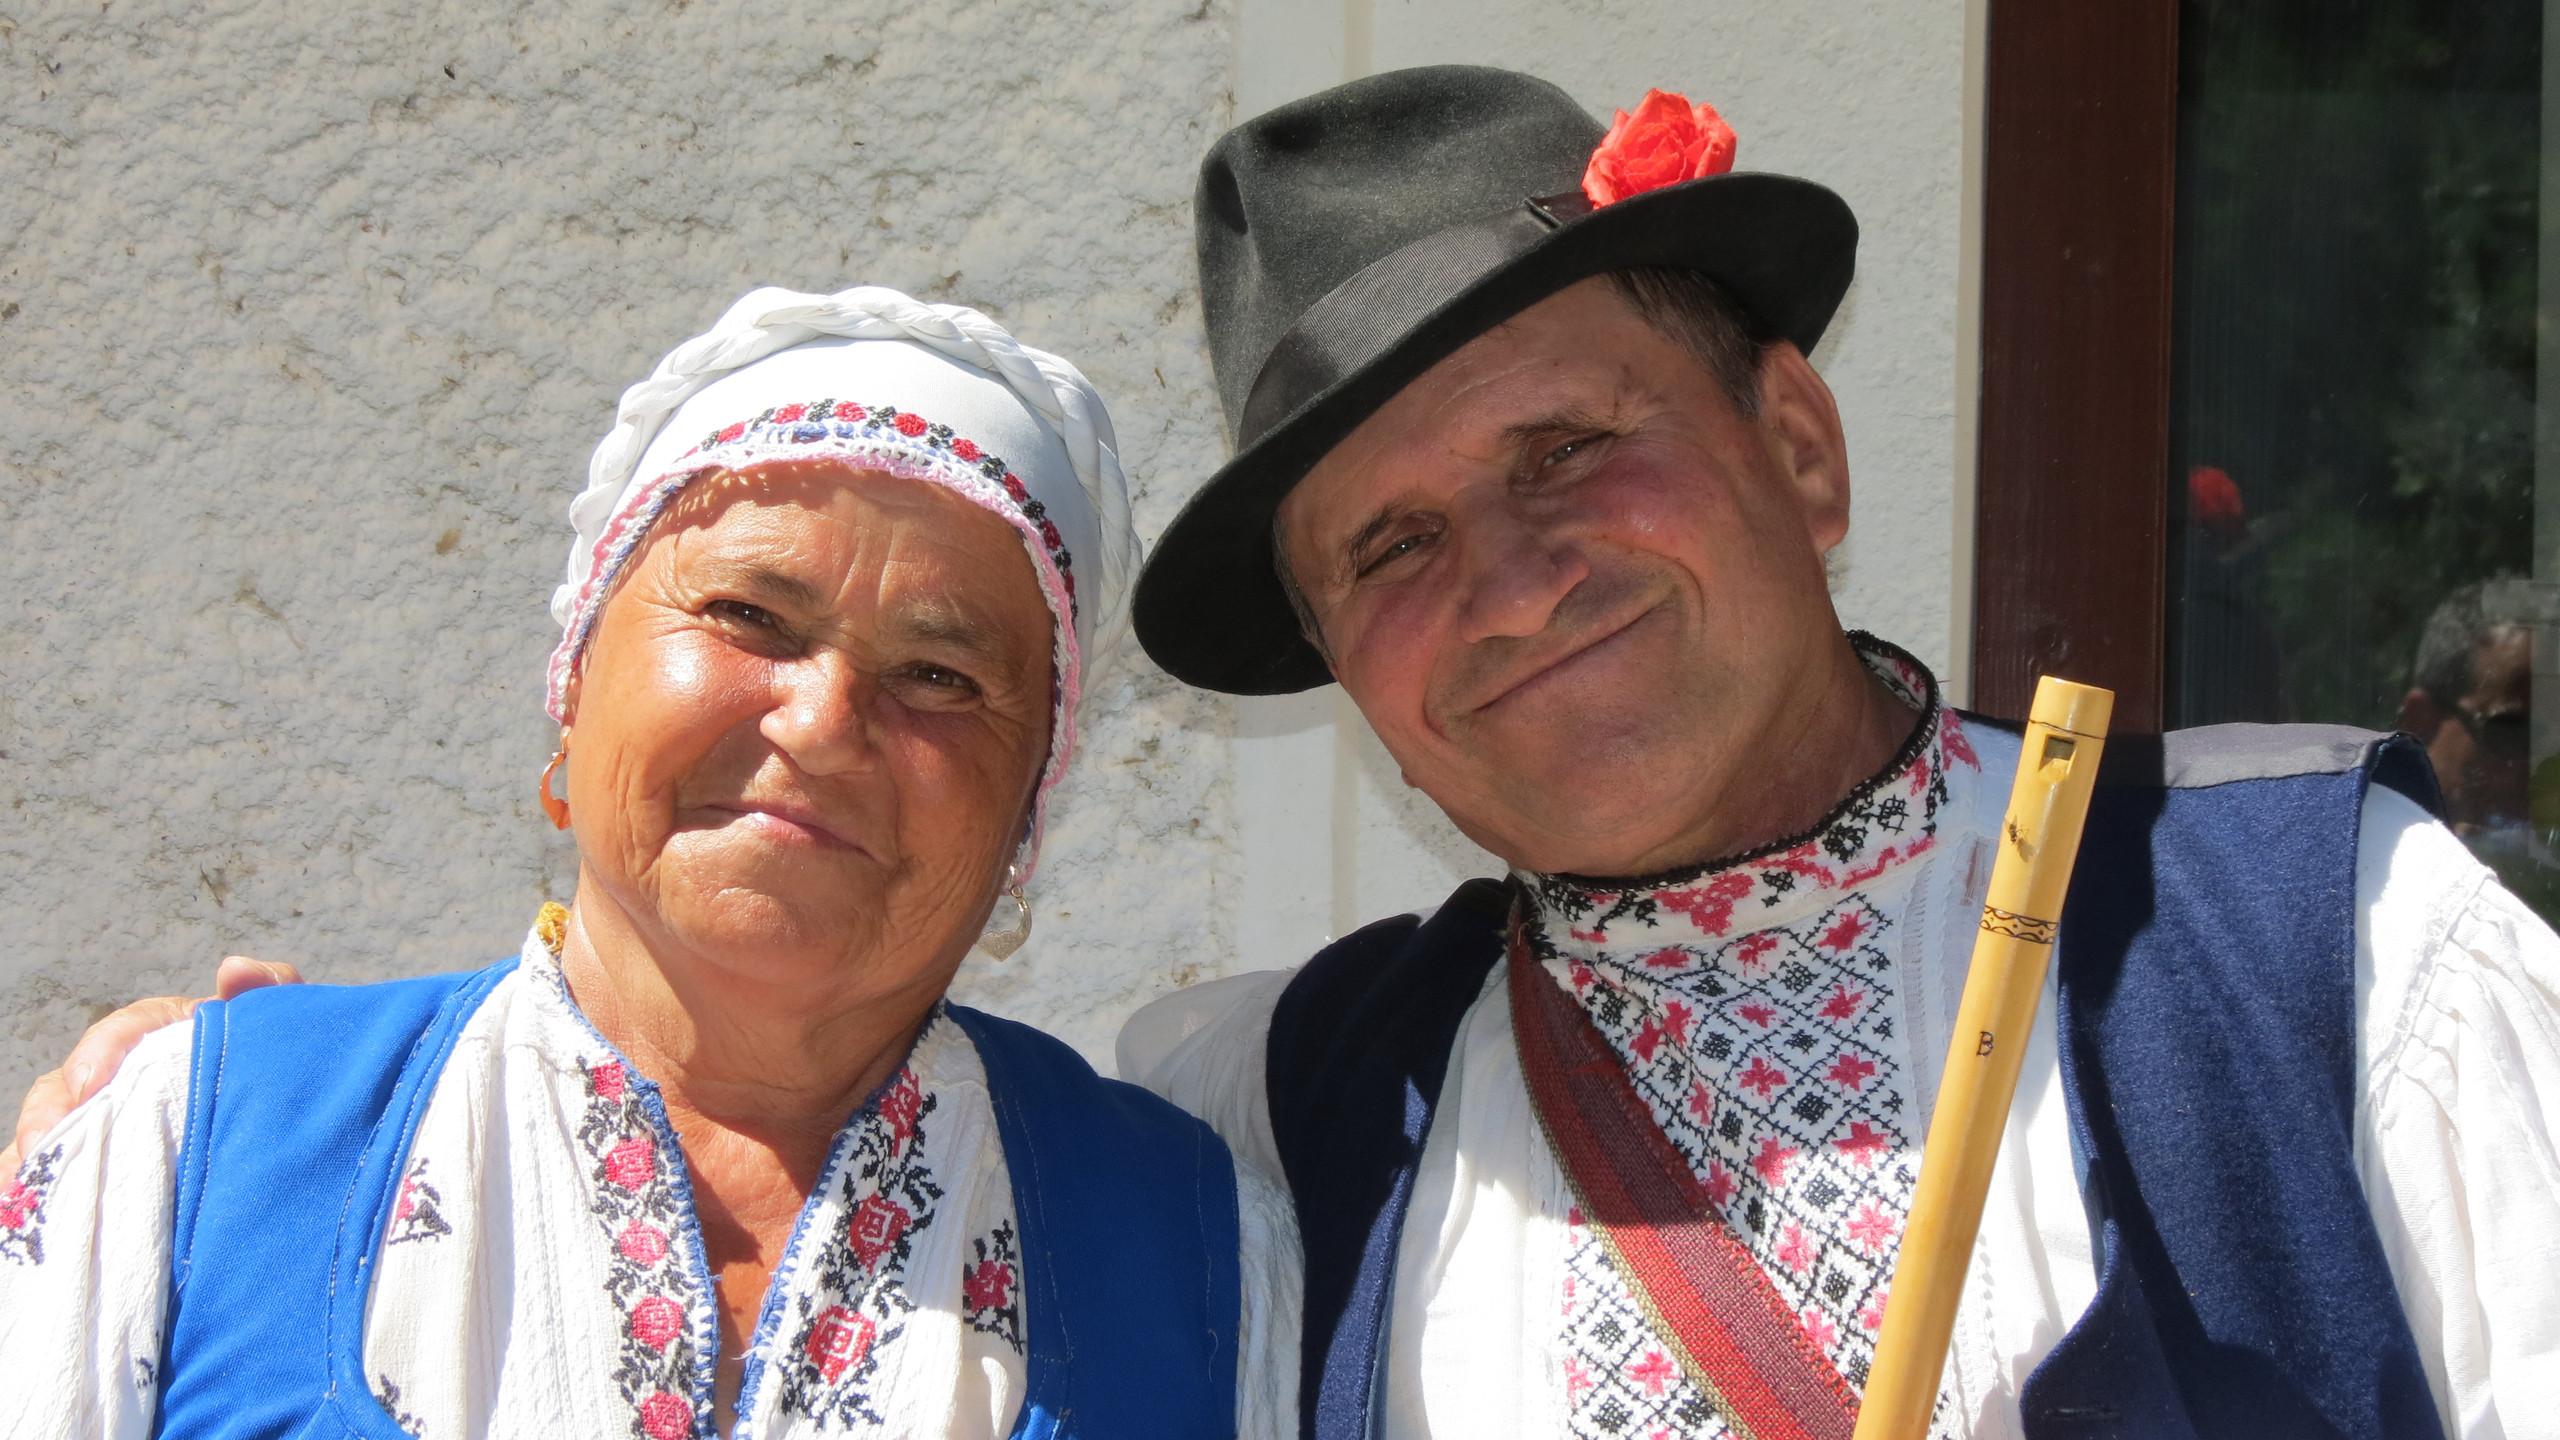 233 - local lunch & preformance in Moldova